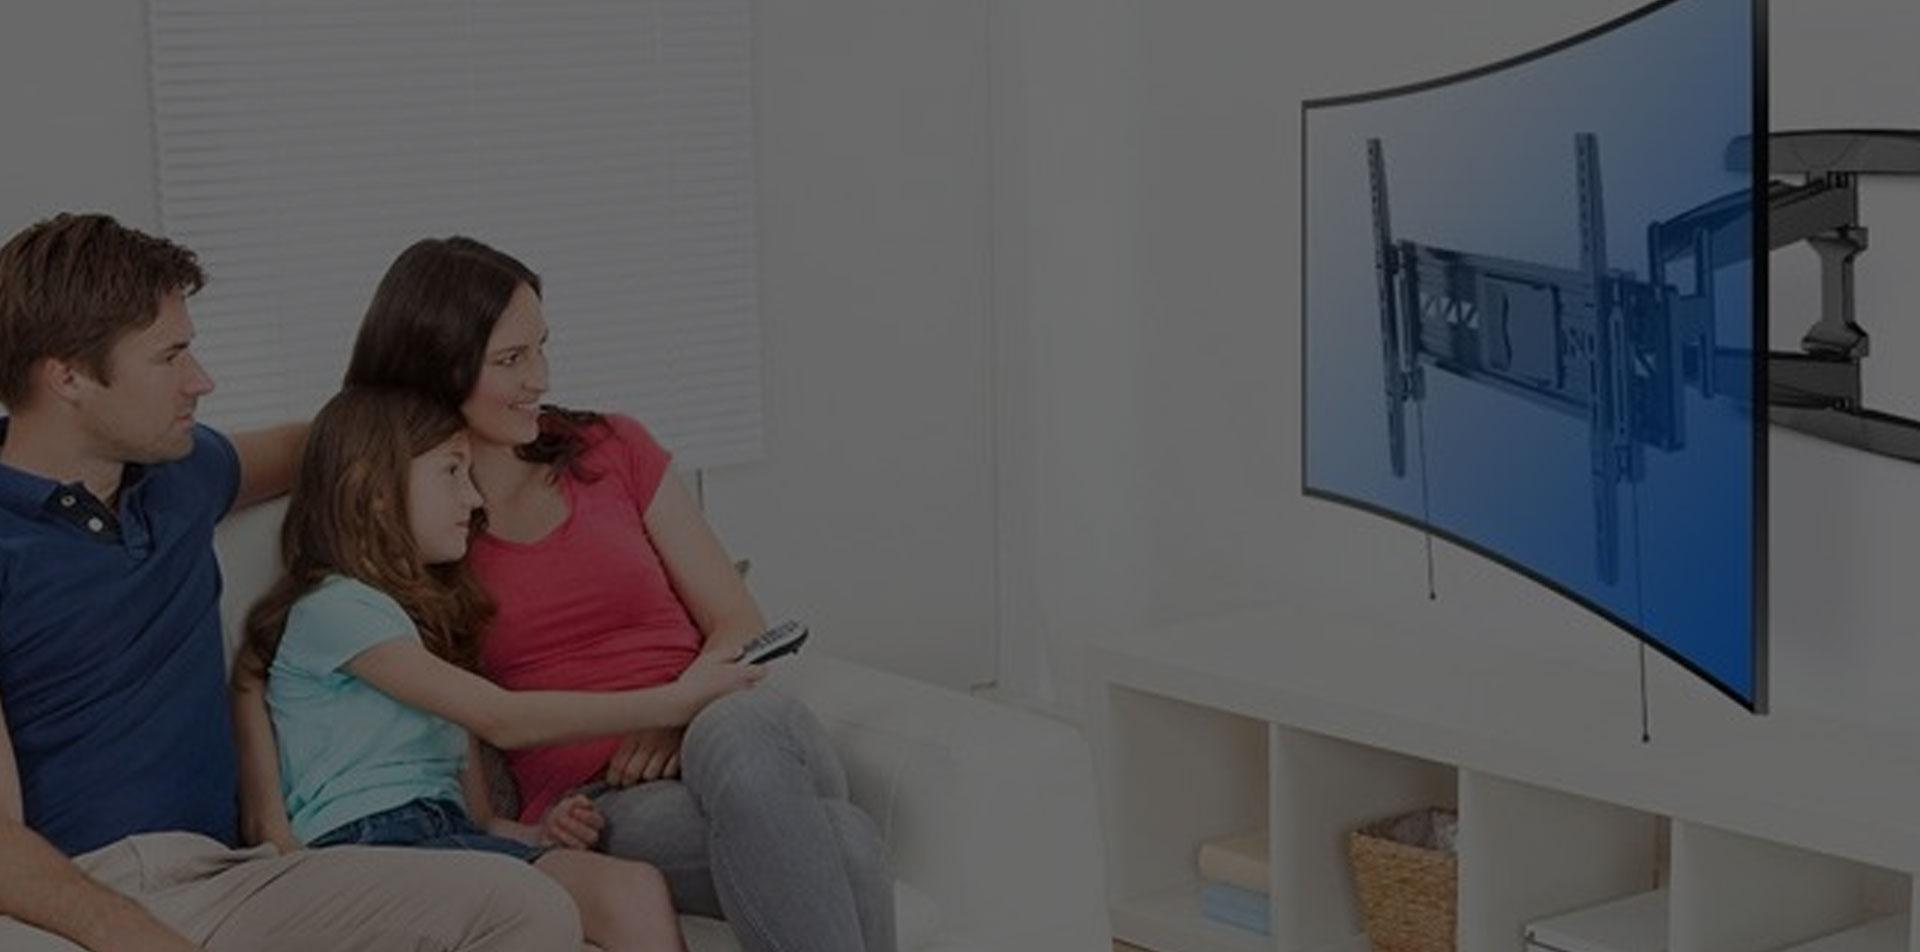 تعمیر تلویزیون خمیده سامسونگ شما صرف نظر از نوع و مدل آن